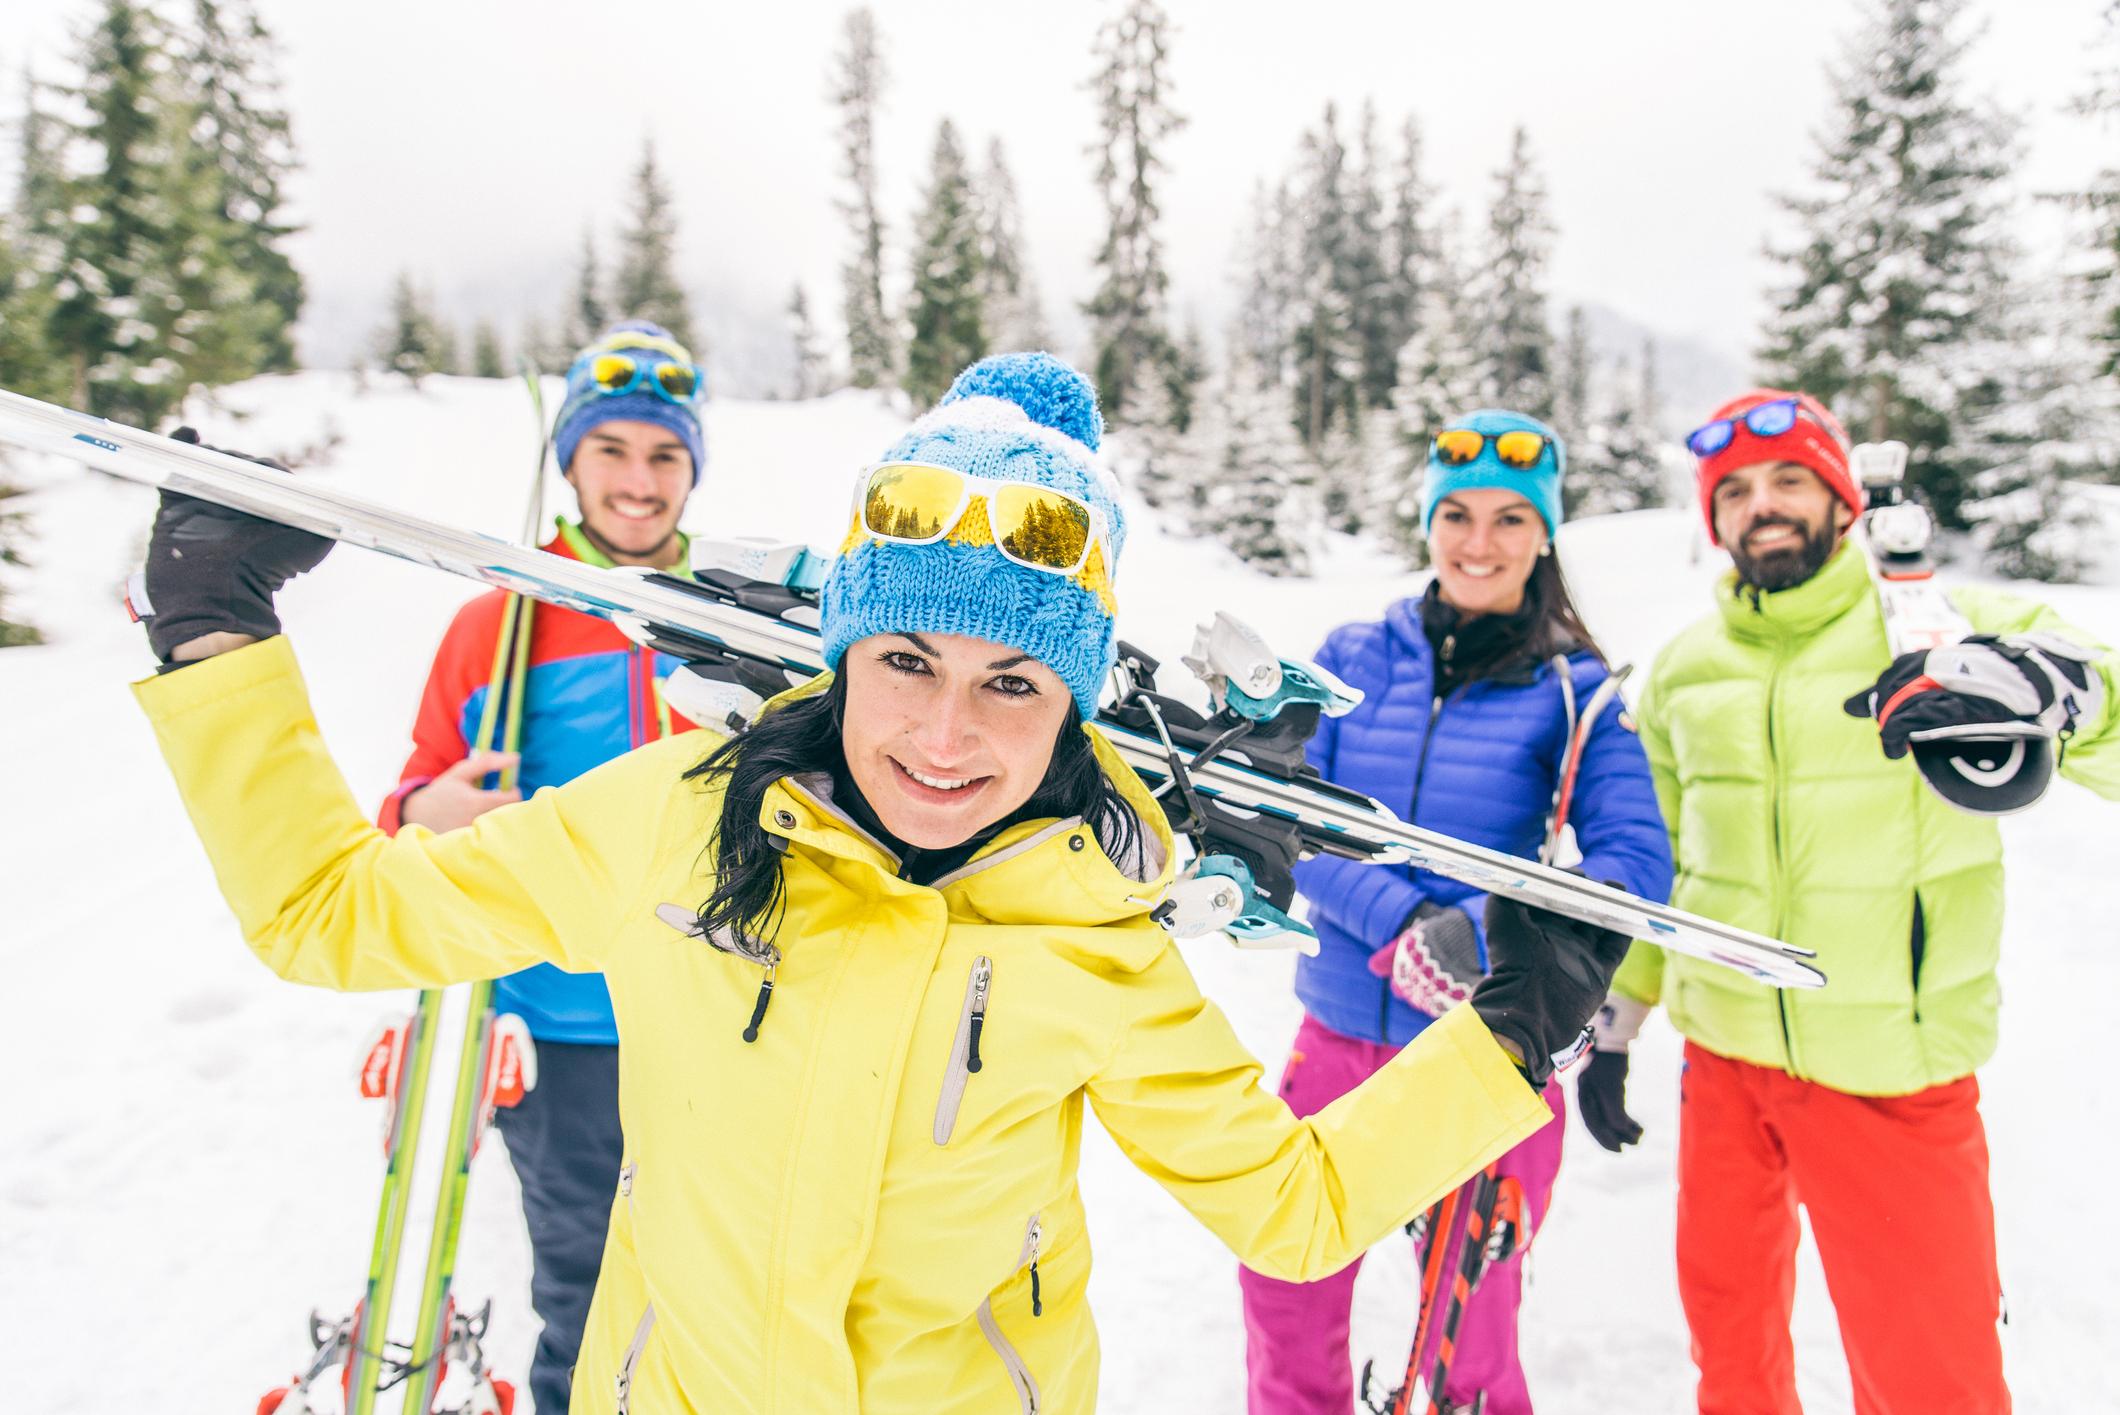 Célibataire Sportif les adeptes du sport, ski alpin